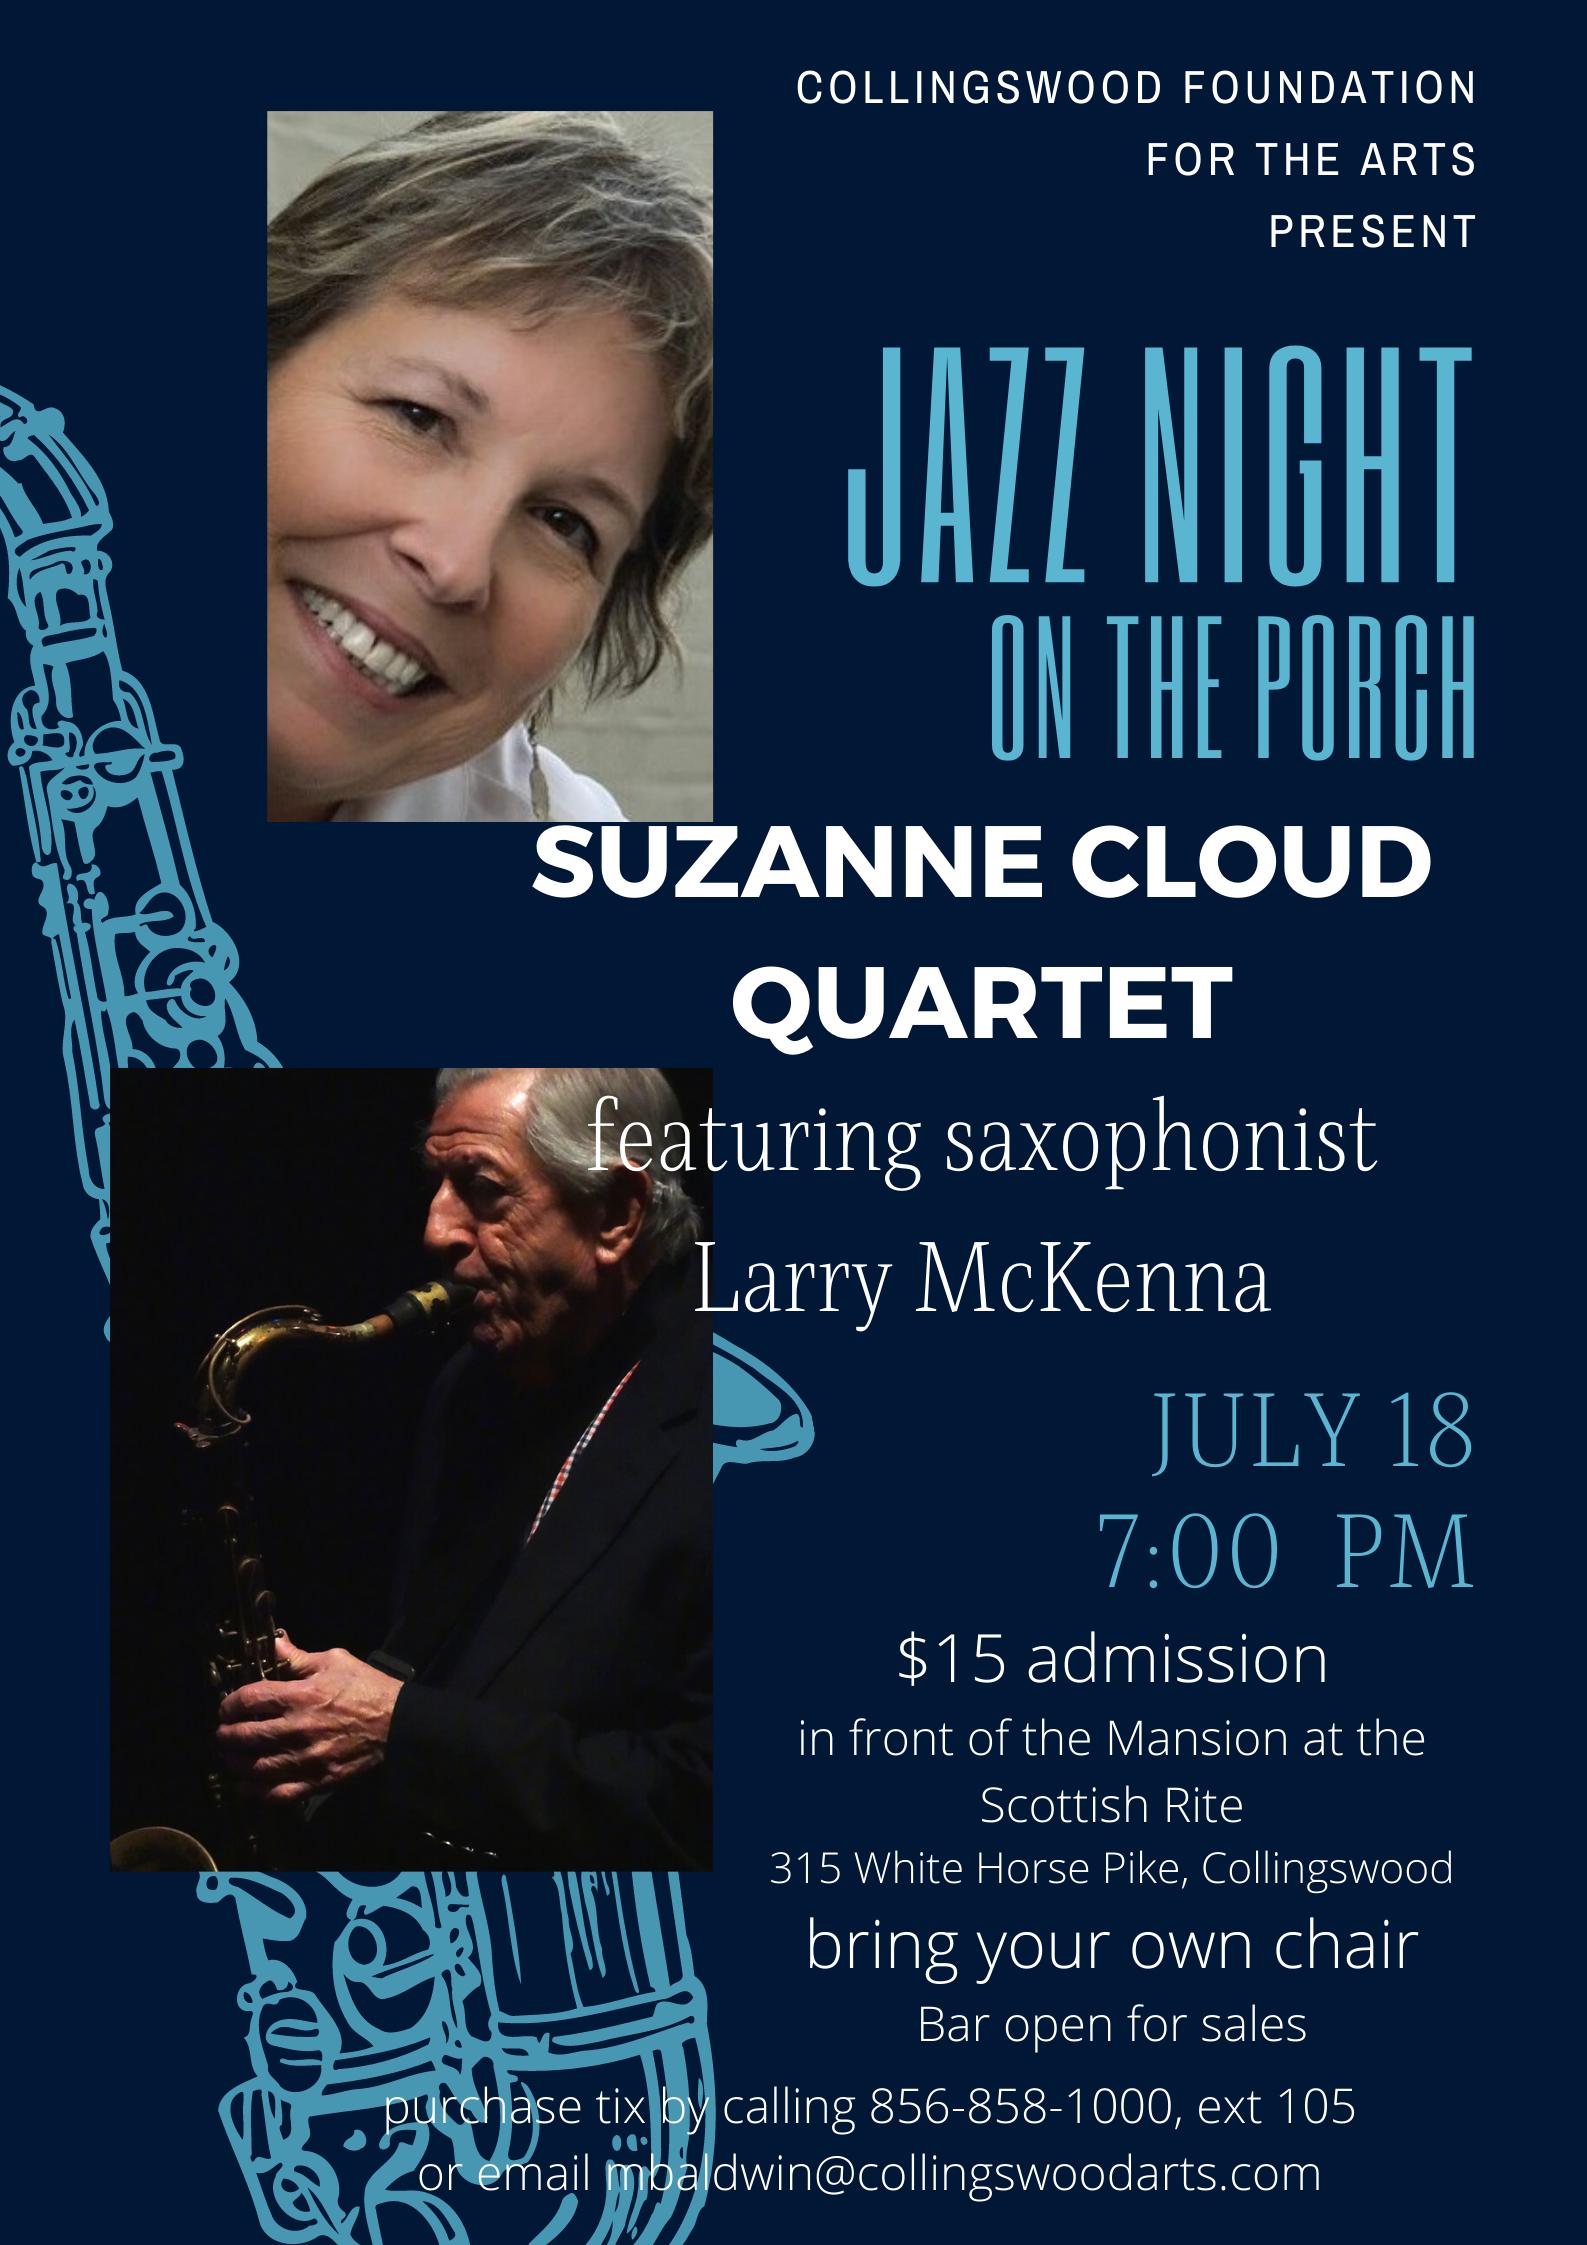 Suzanne Cloud Quartet With Saxophonist Larry McKenna